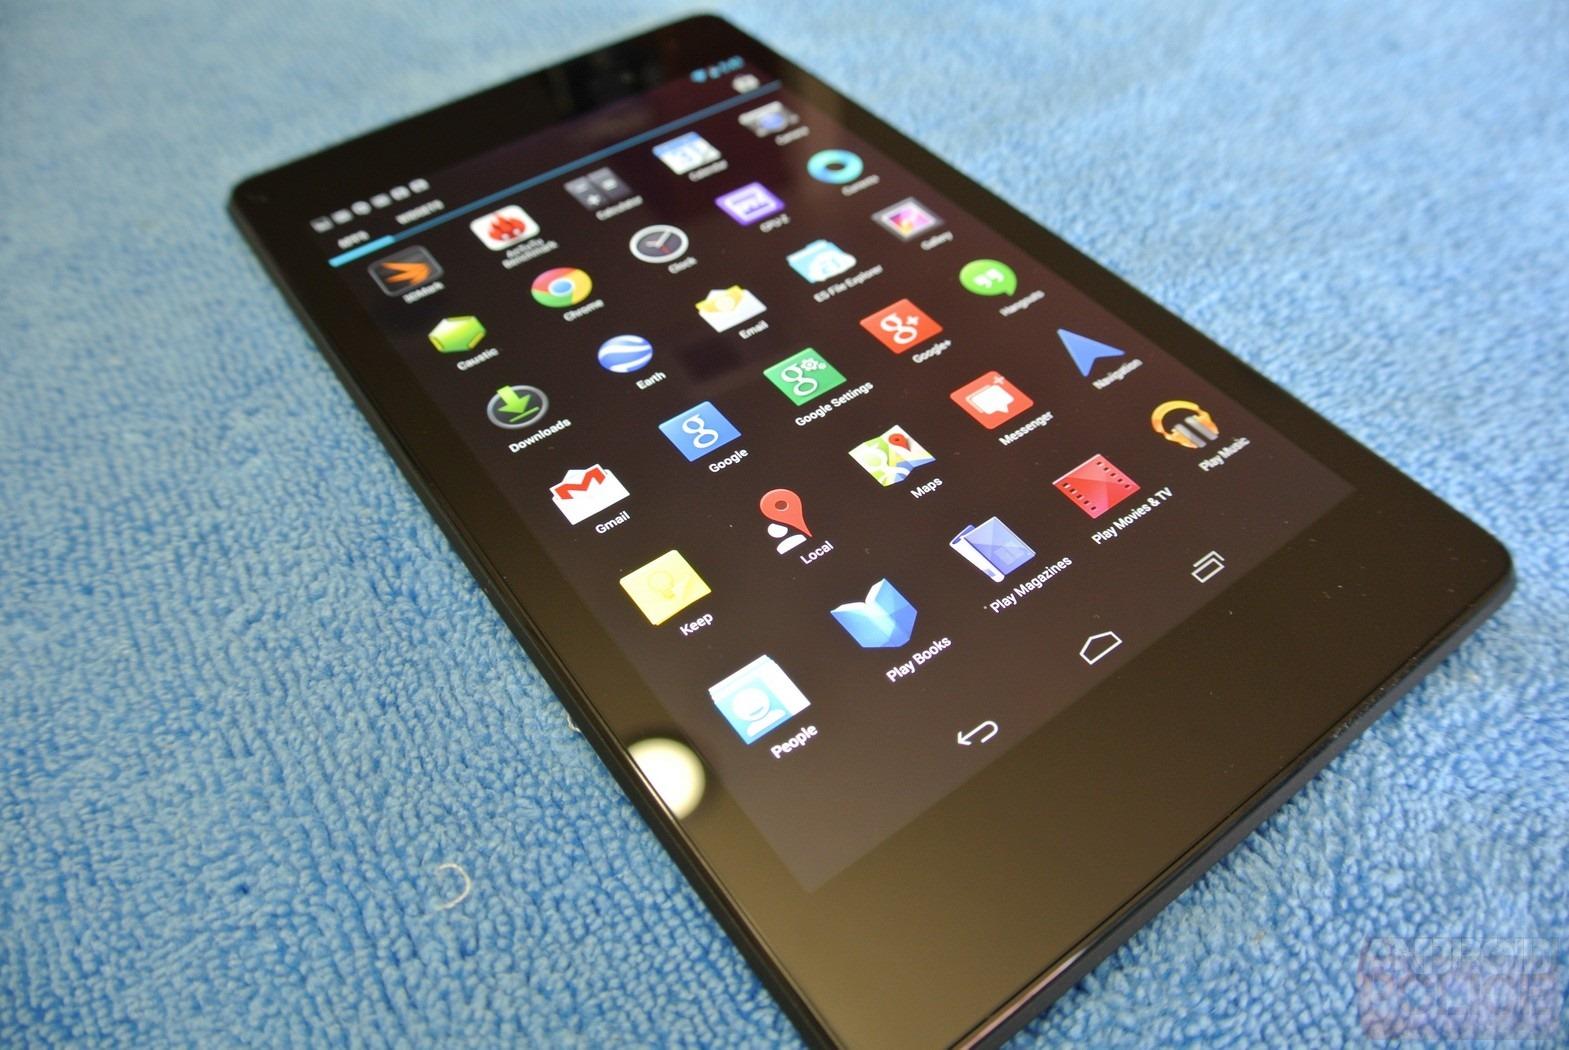 La Nexus 7 II révélée sur une vidéo et le site d'un revendeur américain